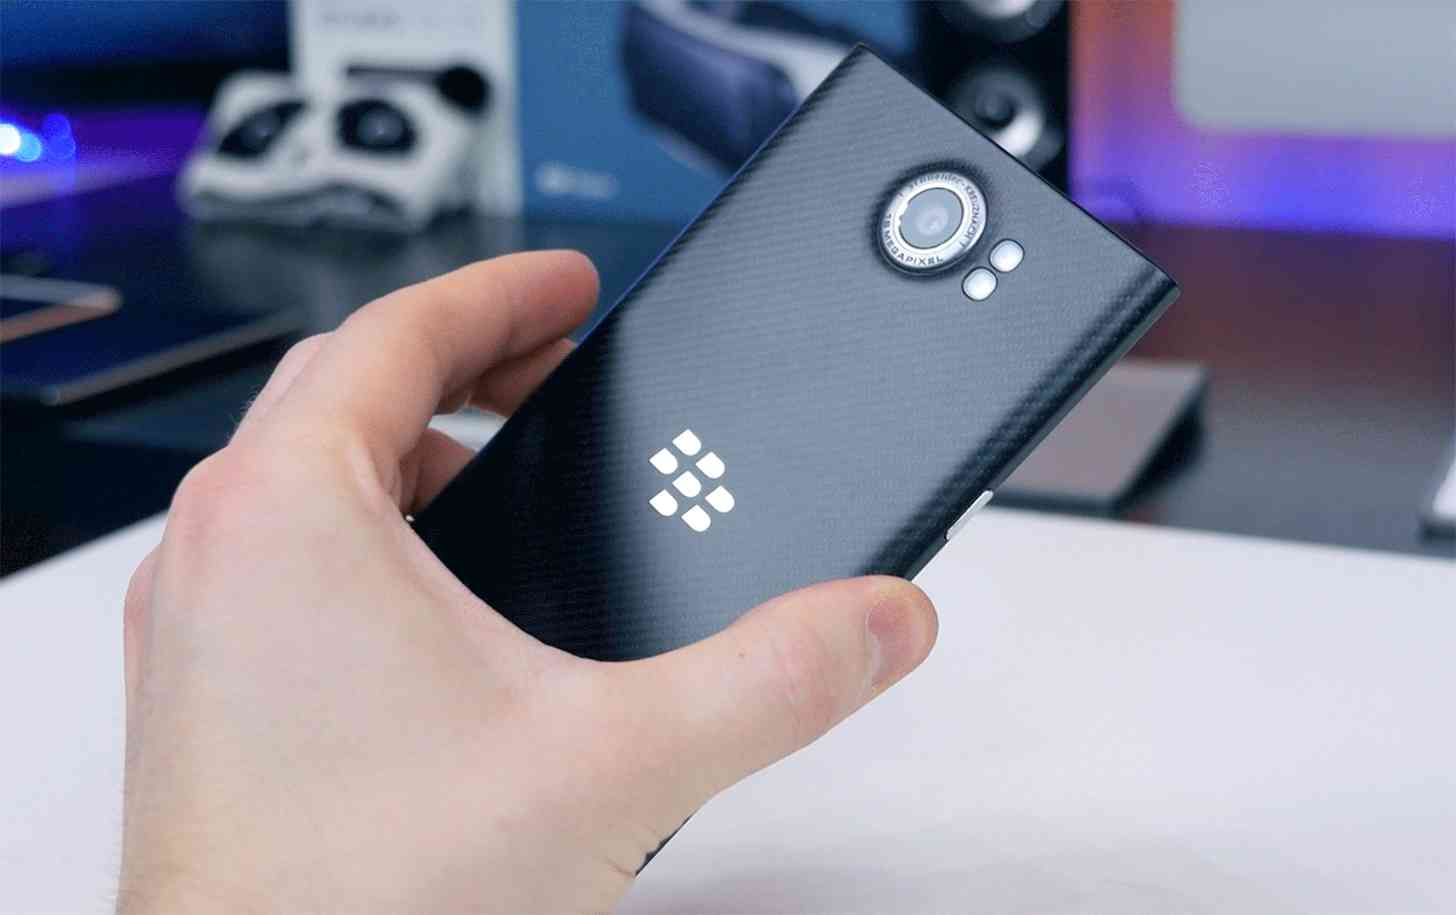 Phone Upcoming Android Phones Verizon leak details three upcoming blackberry android phones including priv rear